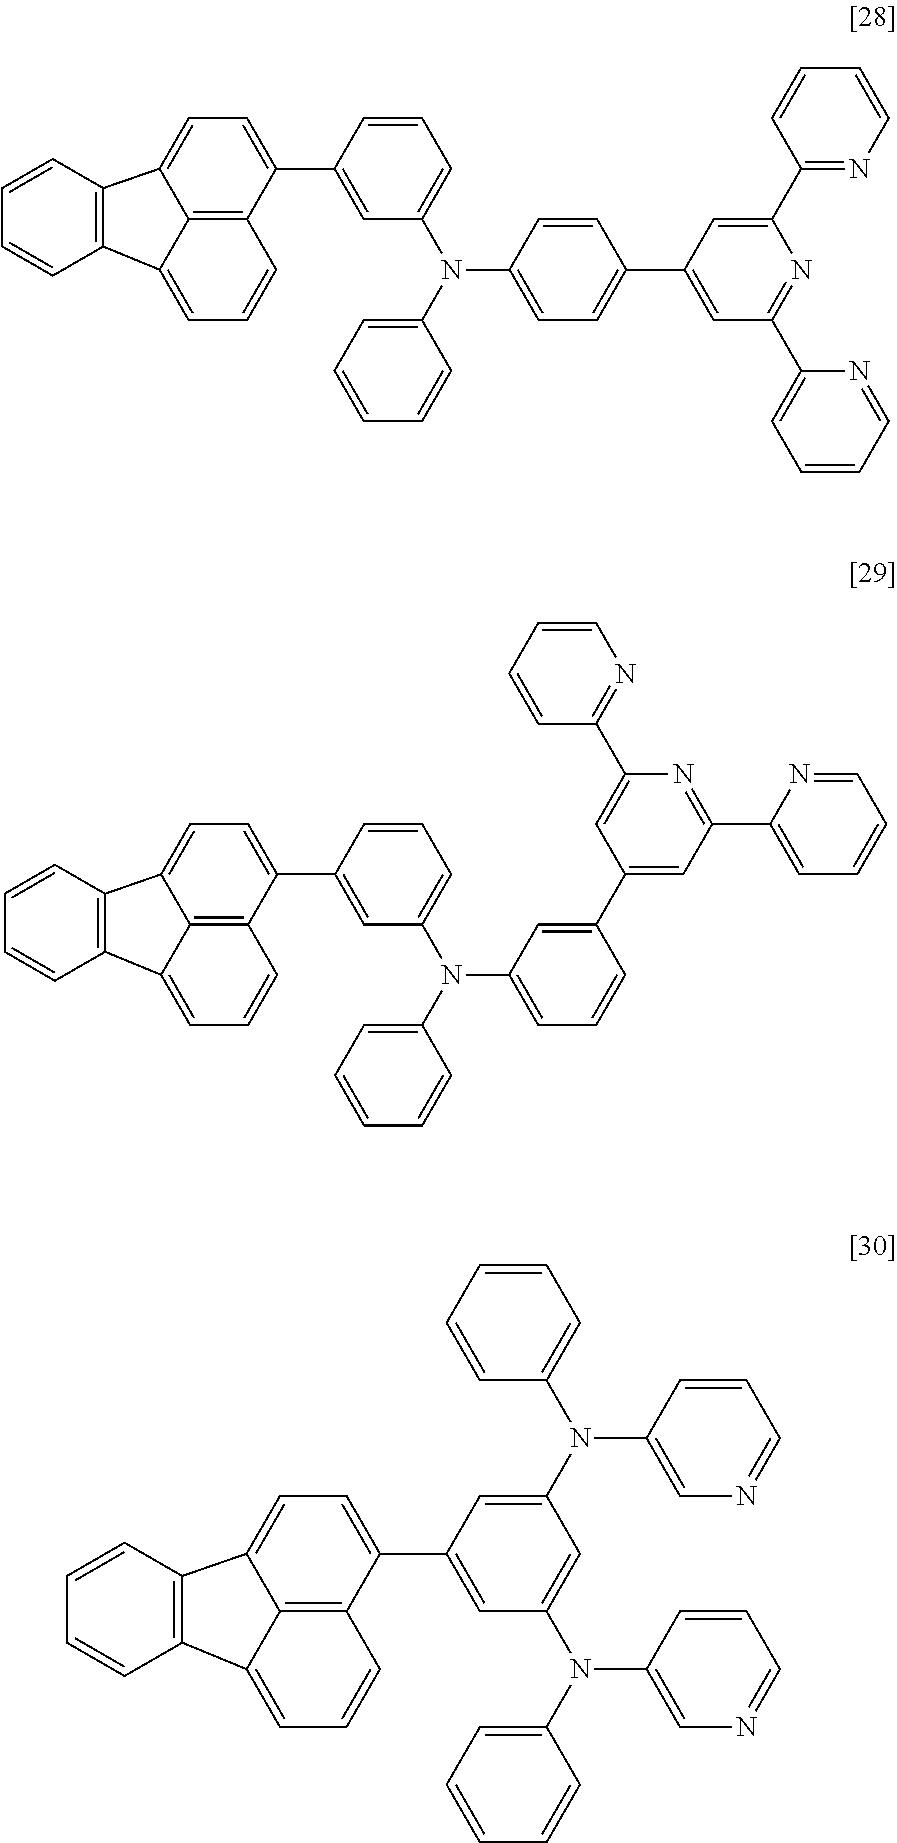 Figure US20150280139A1-20151001-C00144